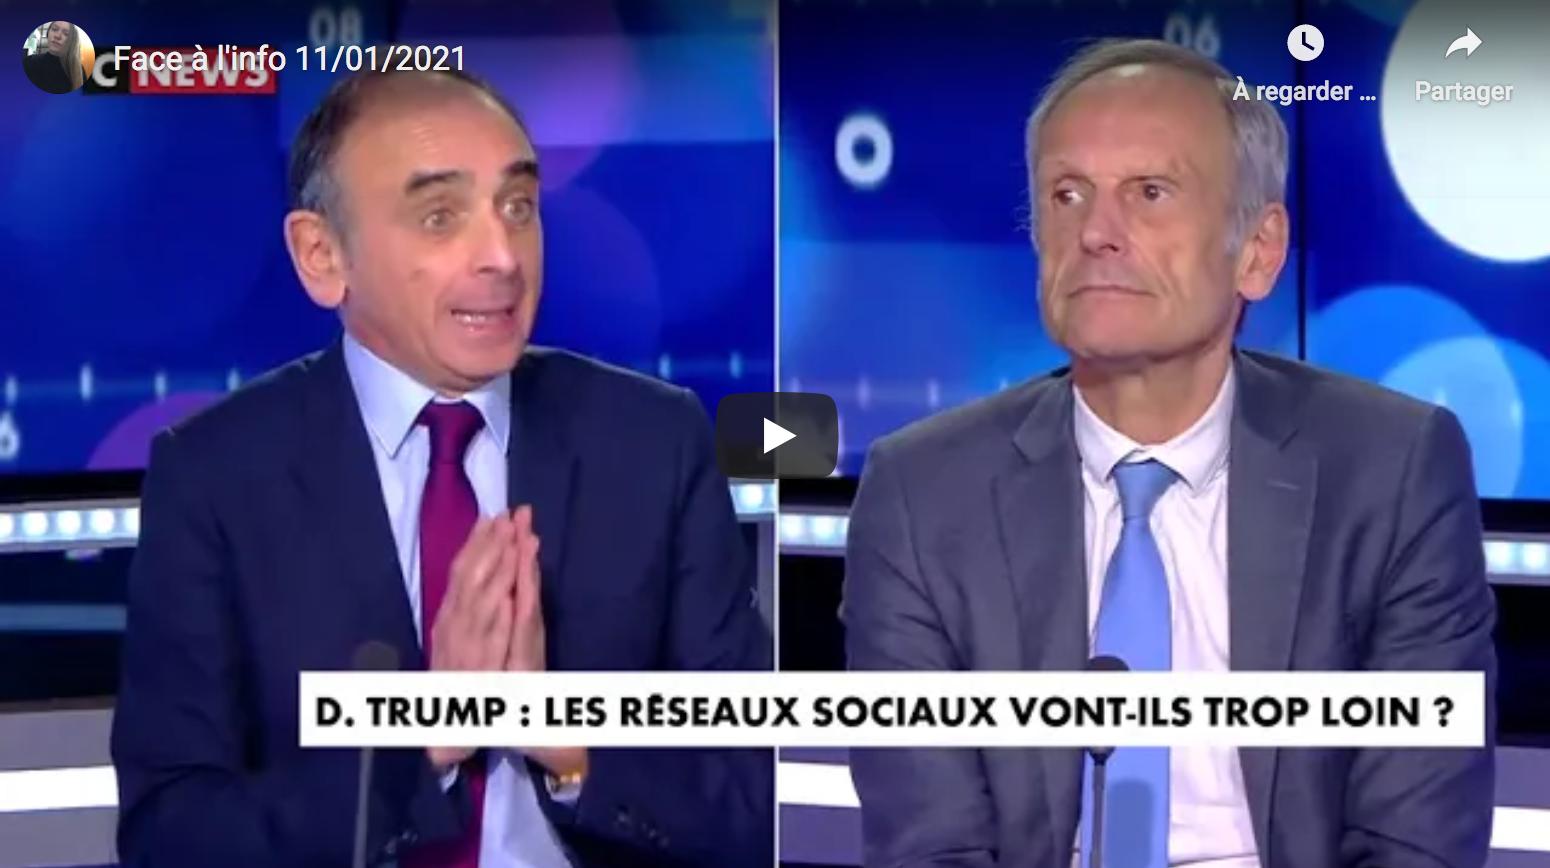 """""""Face à l'info"""" spécial censure de Donald Trump par les réseaux sociaux et chasse aux partisans du président, avec Éric Zemmour (VIDÉO)"""